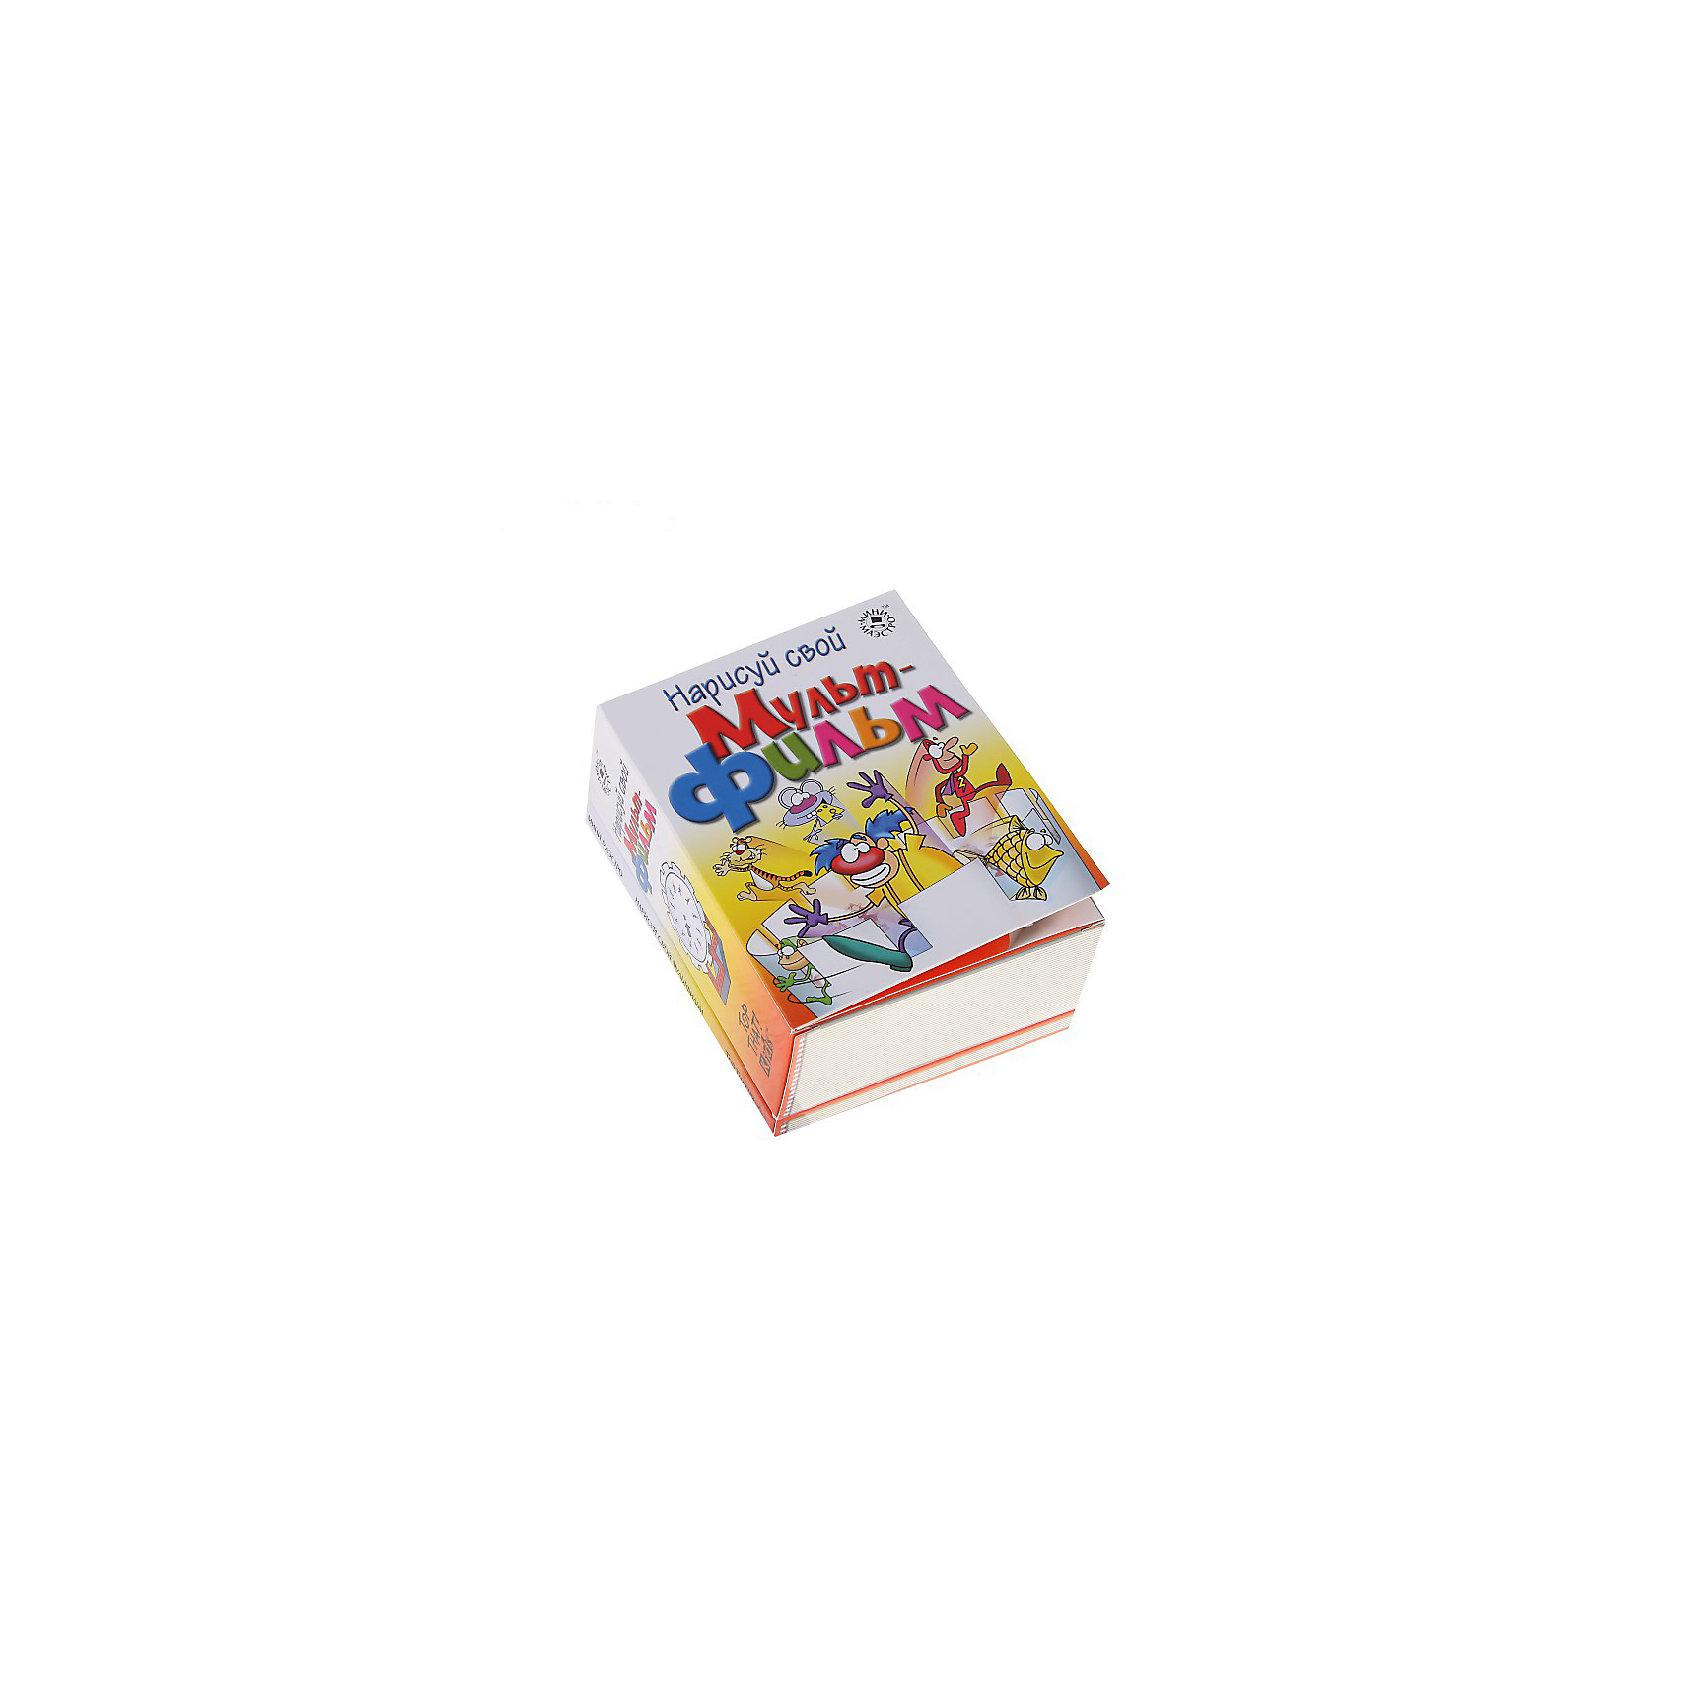 Набор Нарисуй свой мультфильмМини-маэстро «Нарисуй свой мультфильм»<br>48-страничная книга из этого набора подробно расскажет, как правильно нарисовать движения мультипликационных героев, а специальные устройства, зоотроп и фенакистископ, помогут их оживить.<br>Дополнительная информация:<br>В набор входит:<br>- Книга с инструкциями 48 стр., цв. илл.,<br>компоненты устройств для анимации – зоотропа и фенакистископа<br>Размер упаковки (д/ш/в): 95 х 52 х 120 мм<br>Нарисуй и покажи свой мультфильм! Узнай тонкости анимации и почувствуй себя Уолтом Диснеем!<br><br>Ширина мм: 95<br>Глубина мм: 52<br>Высота мм: 120<br>Вес г: 300<br>Возраст от месяцев: 72<br>Возраст до месяцев: 144<br>Пол: Унисекс<br>Возраст: Детский<br>SKU: 2358210